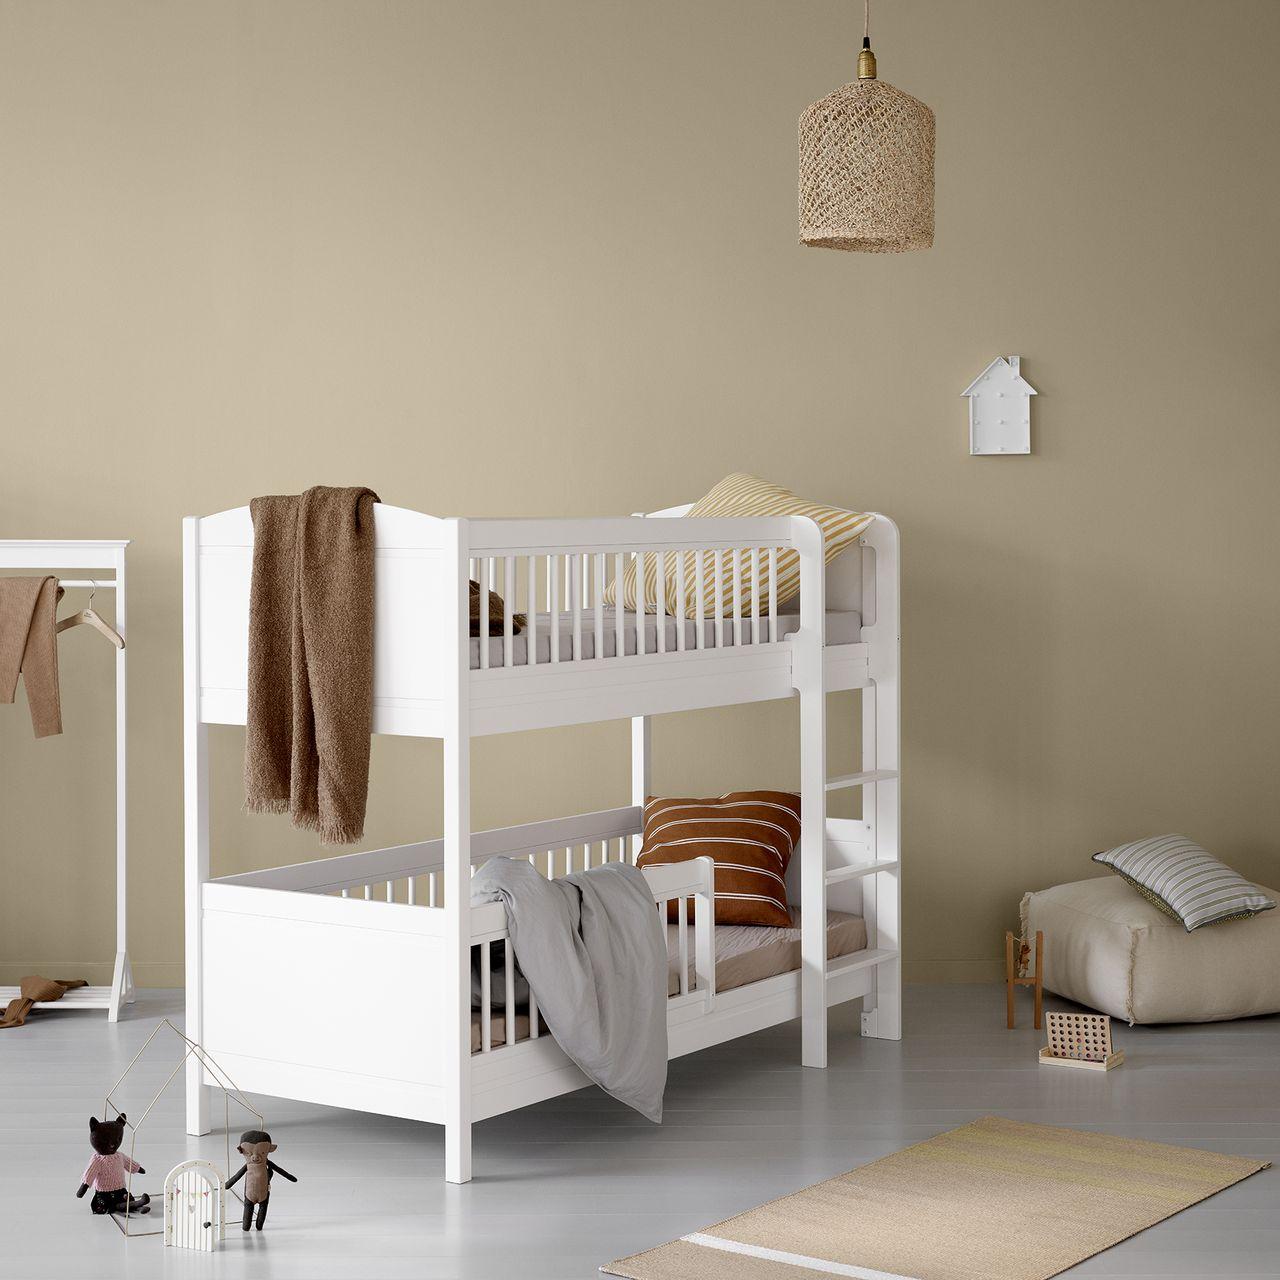 Seaside Lille+ halbhohes Etagenbett von Oliver Furniture in Berlin kaufen - Kleine Fabriek